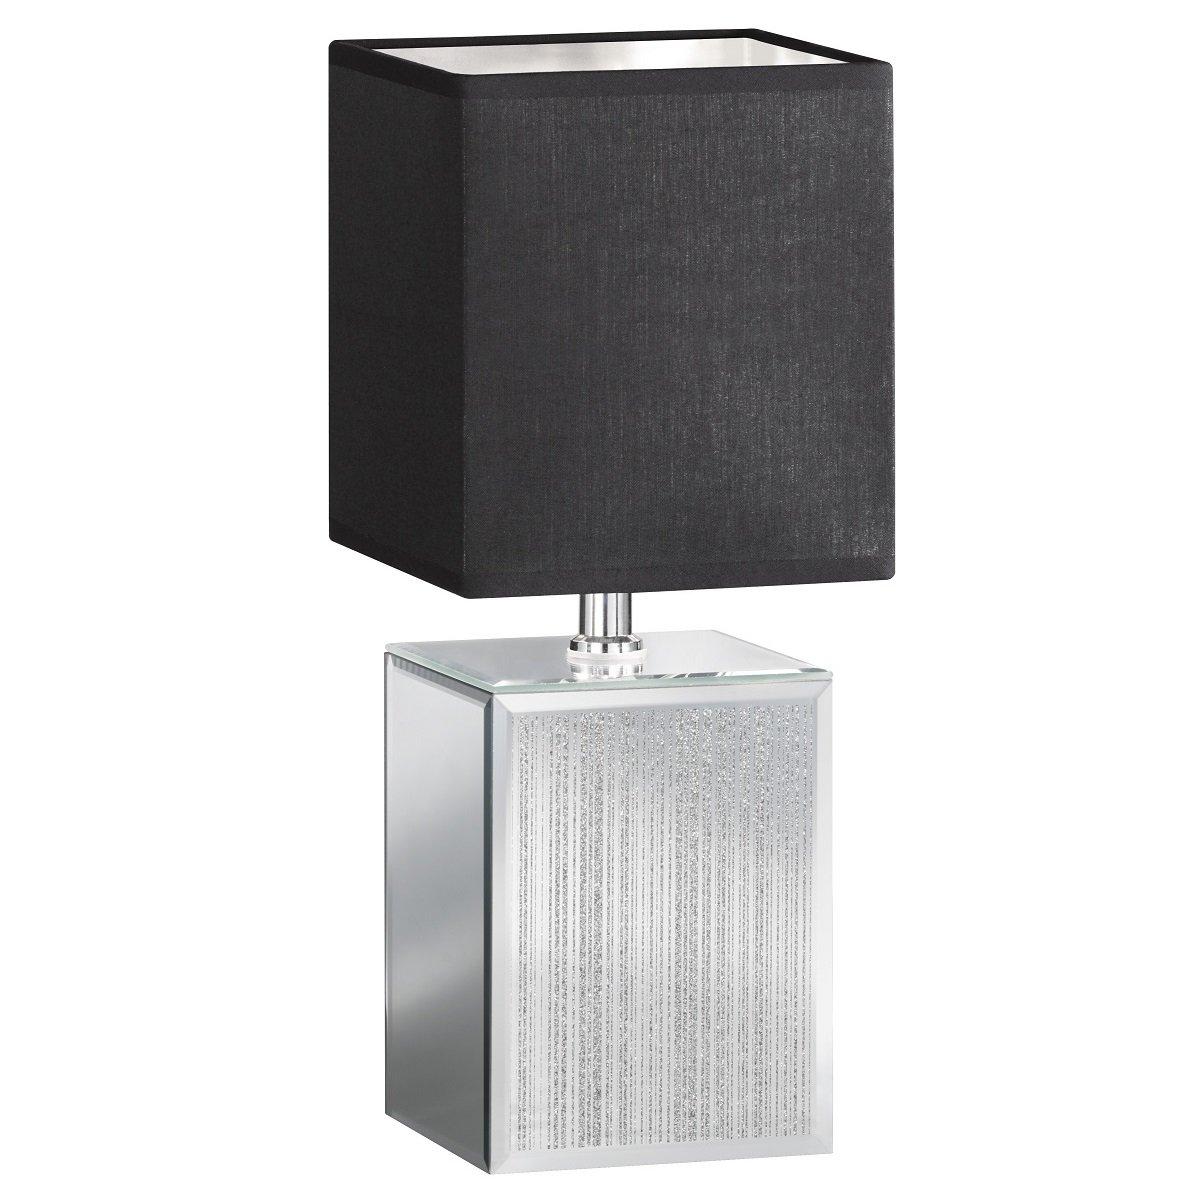 Tischleuchte Honsel Bert 50096 Tischlampe Silber Anthrazit Schnurschalter